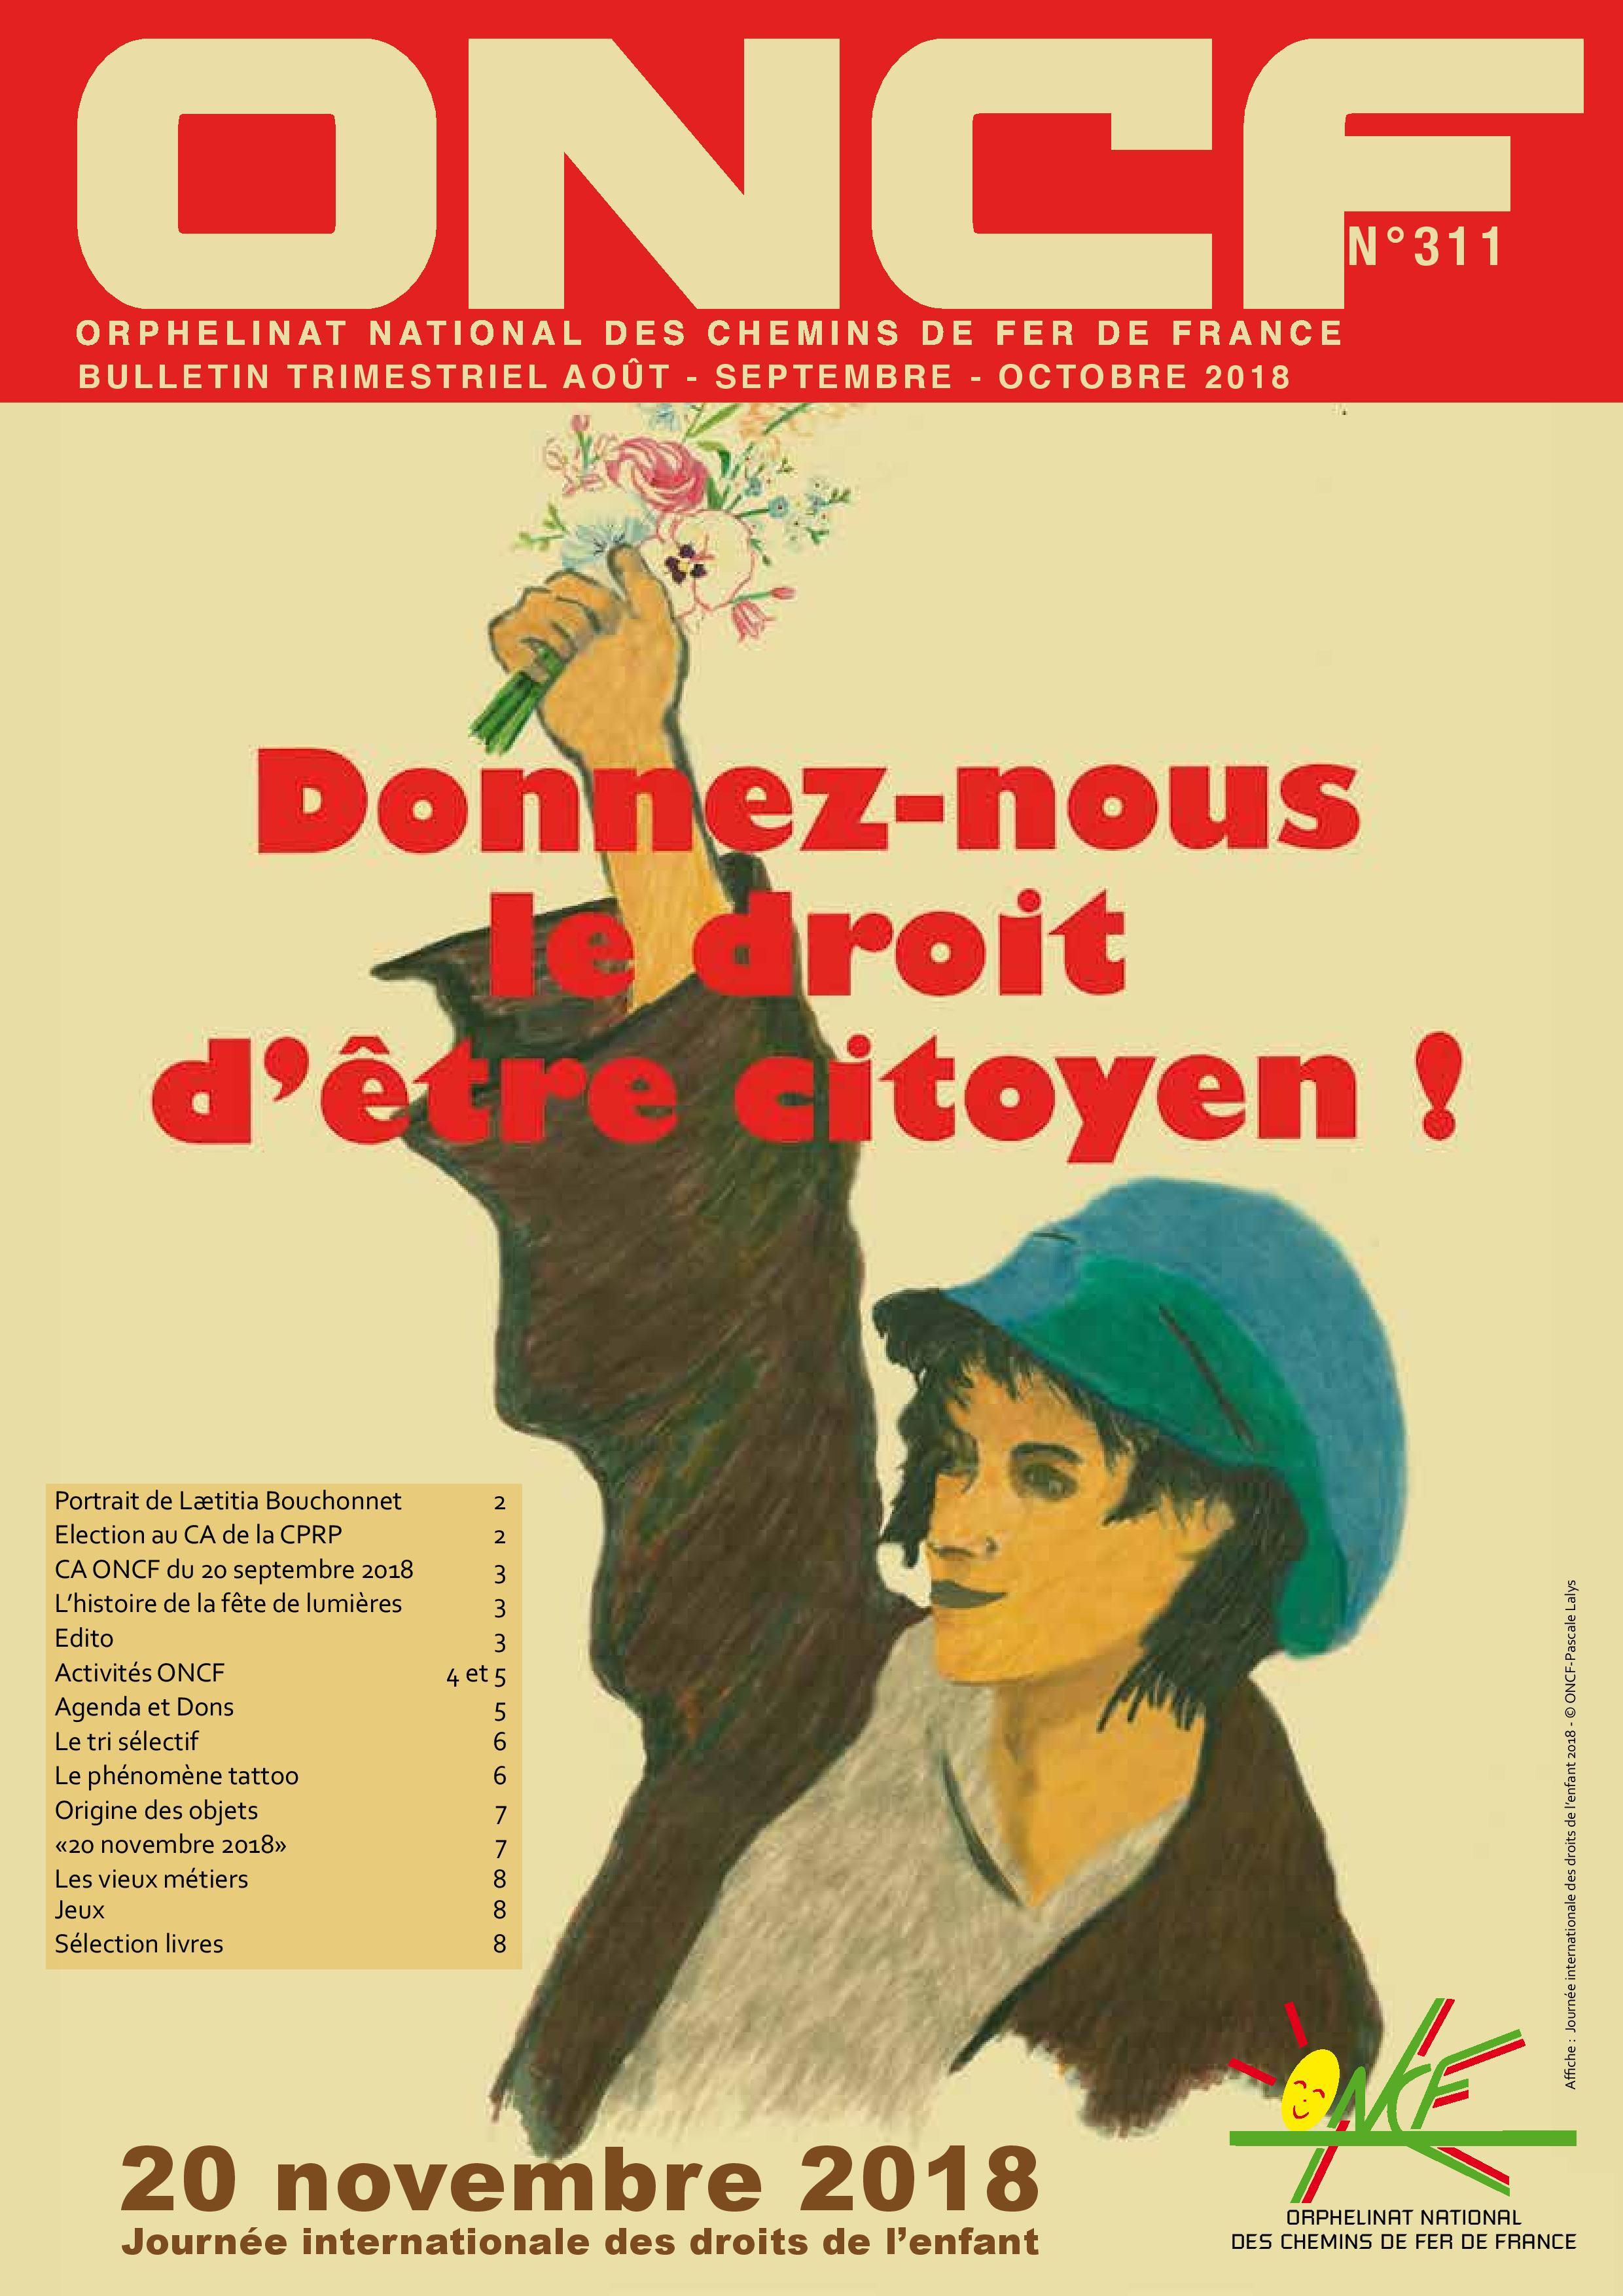 Bulletin de l'Orphelinat n°311